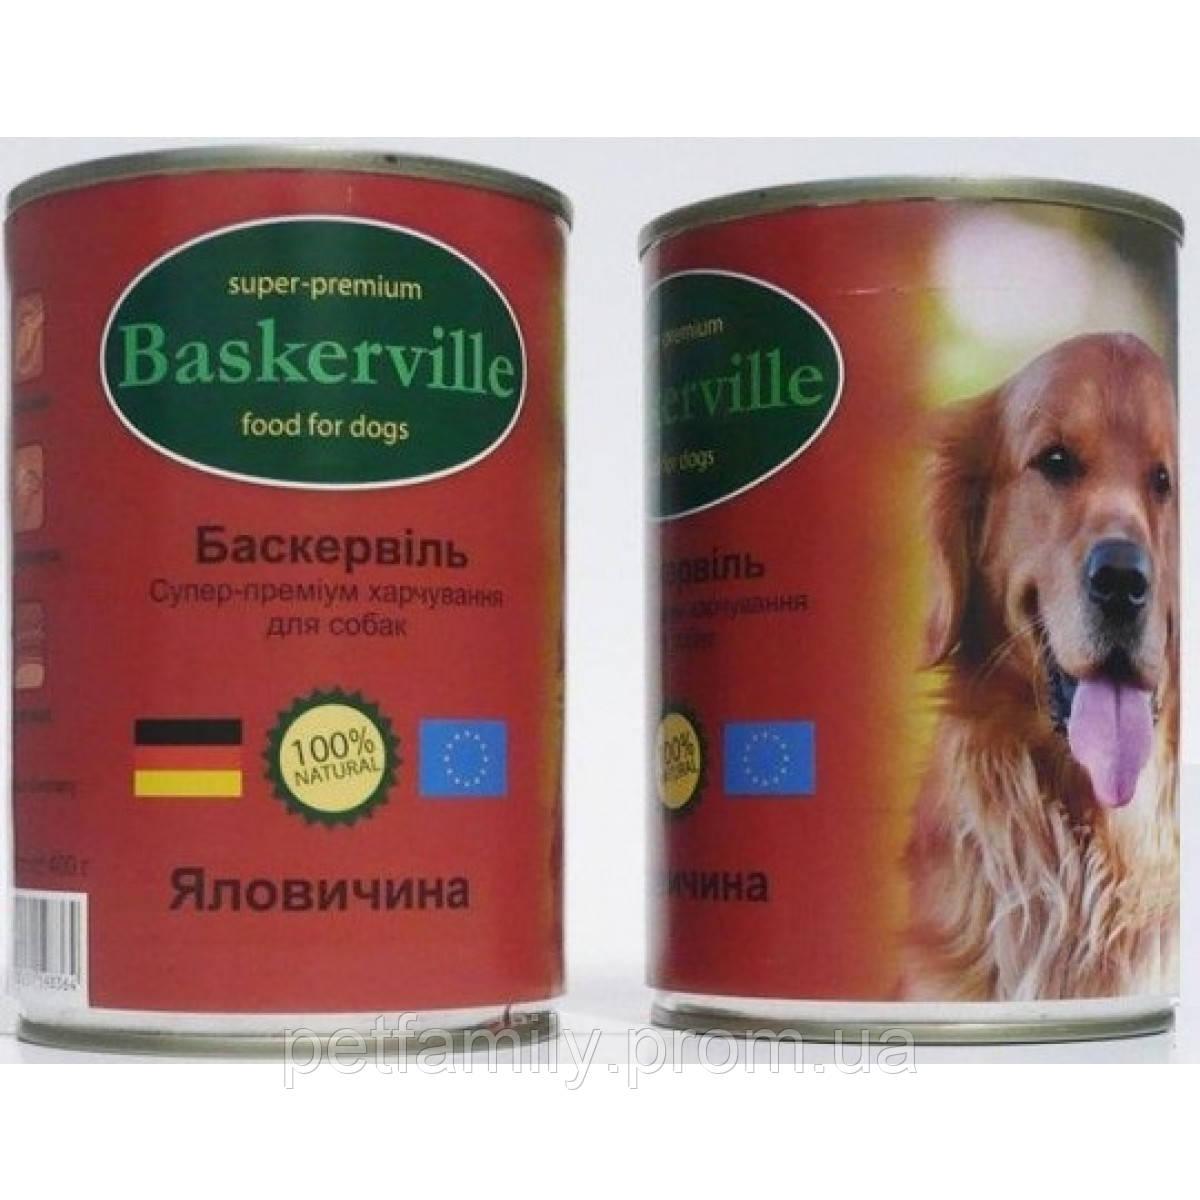 8a30f1f0d809af Консервированный корм для собак. Baskerville. Говядина 800 гр ...